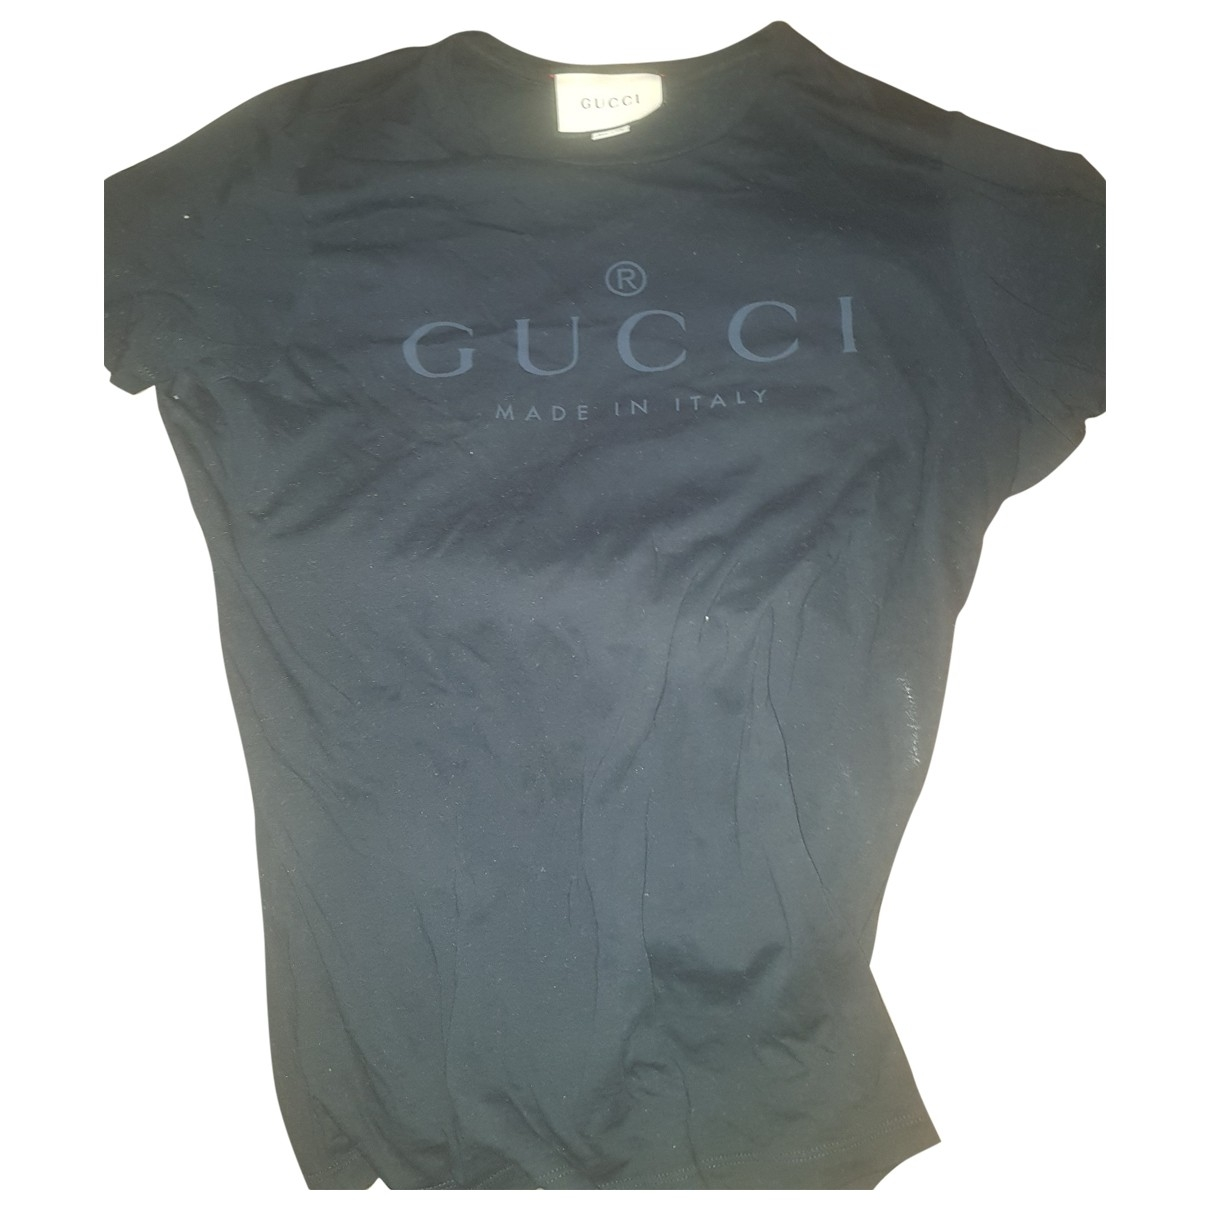 Gucci - Tee shirts   pour homme en coton - marine